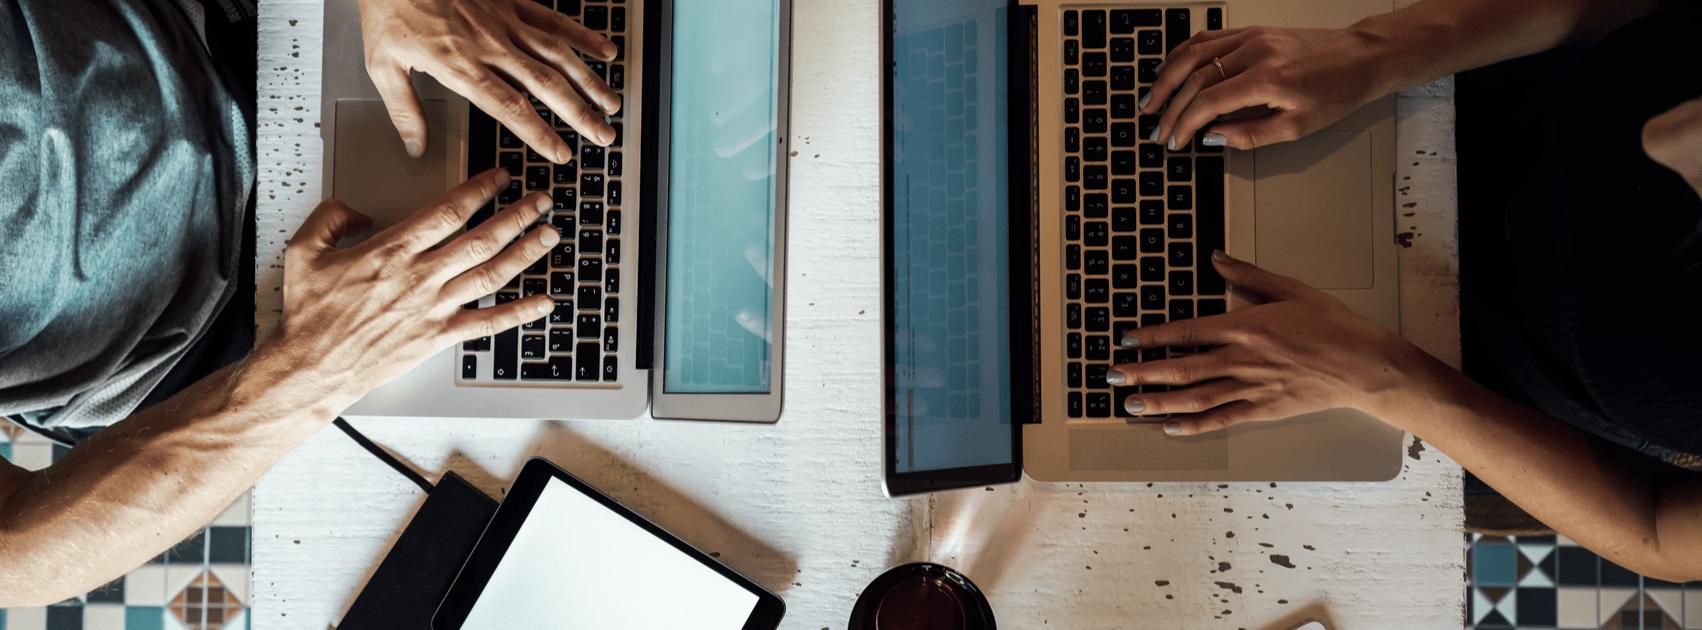 Уроки ефективного переходу з офісу в дистанційний режим, автор Київстар | Kyivstar Business Hub, зображення №1